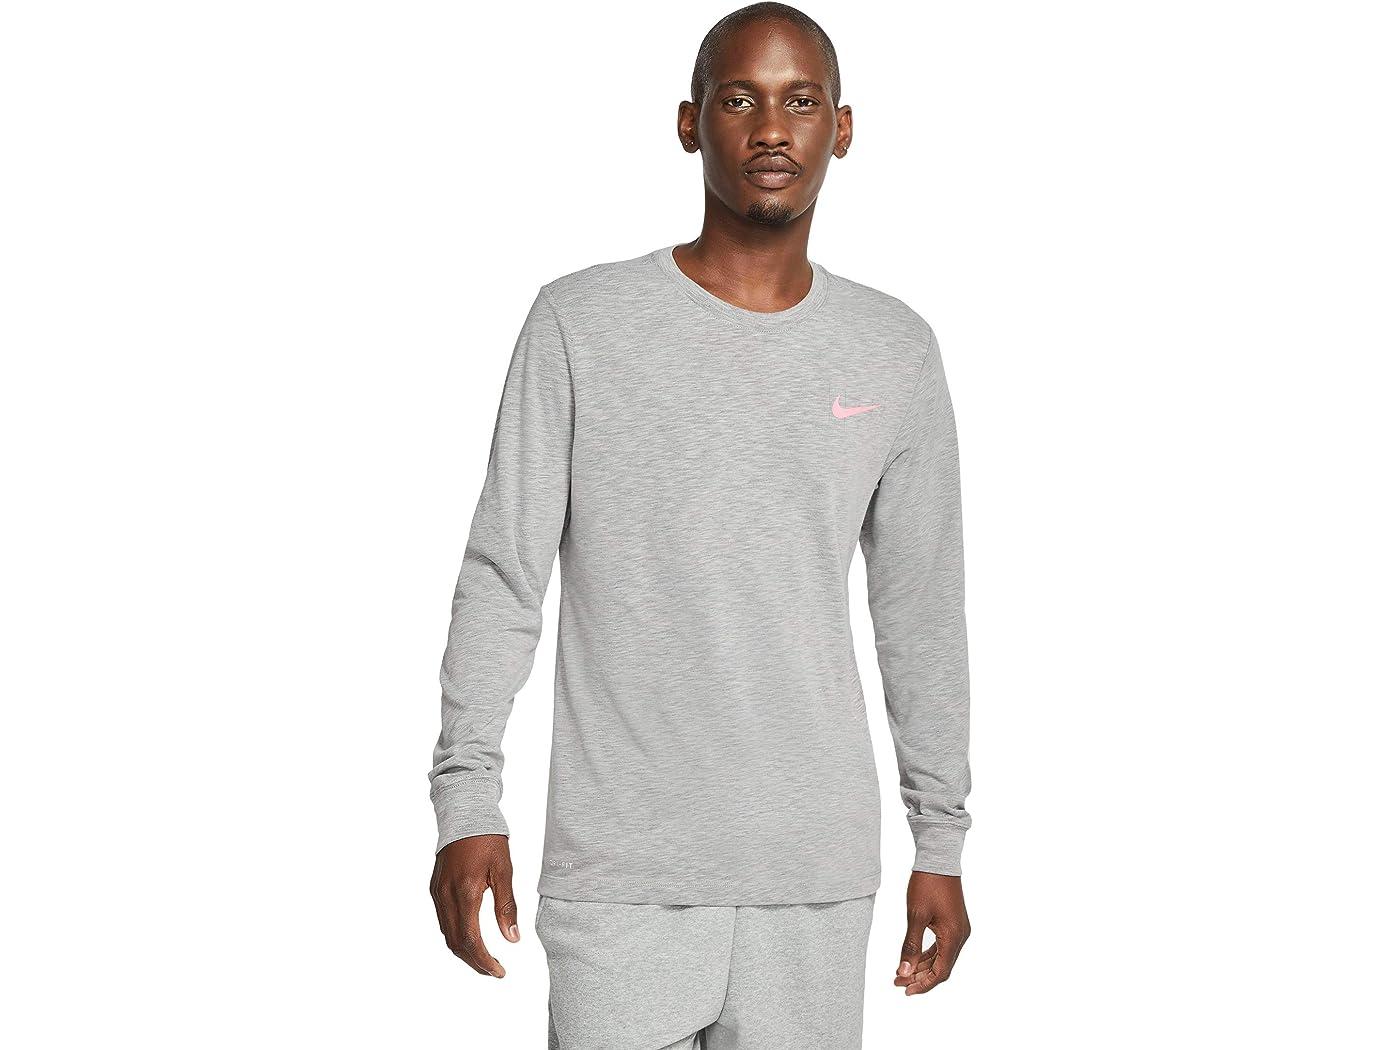 Nike Dri-FIT Cotton Slub Tee Long Sleeve Graphic